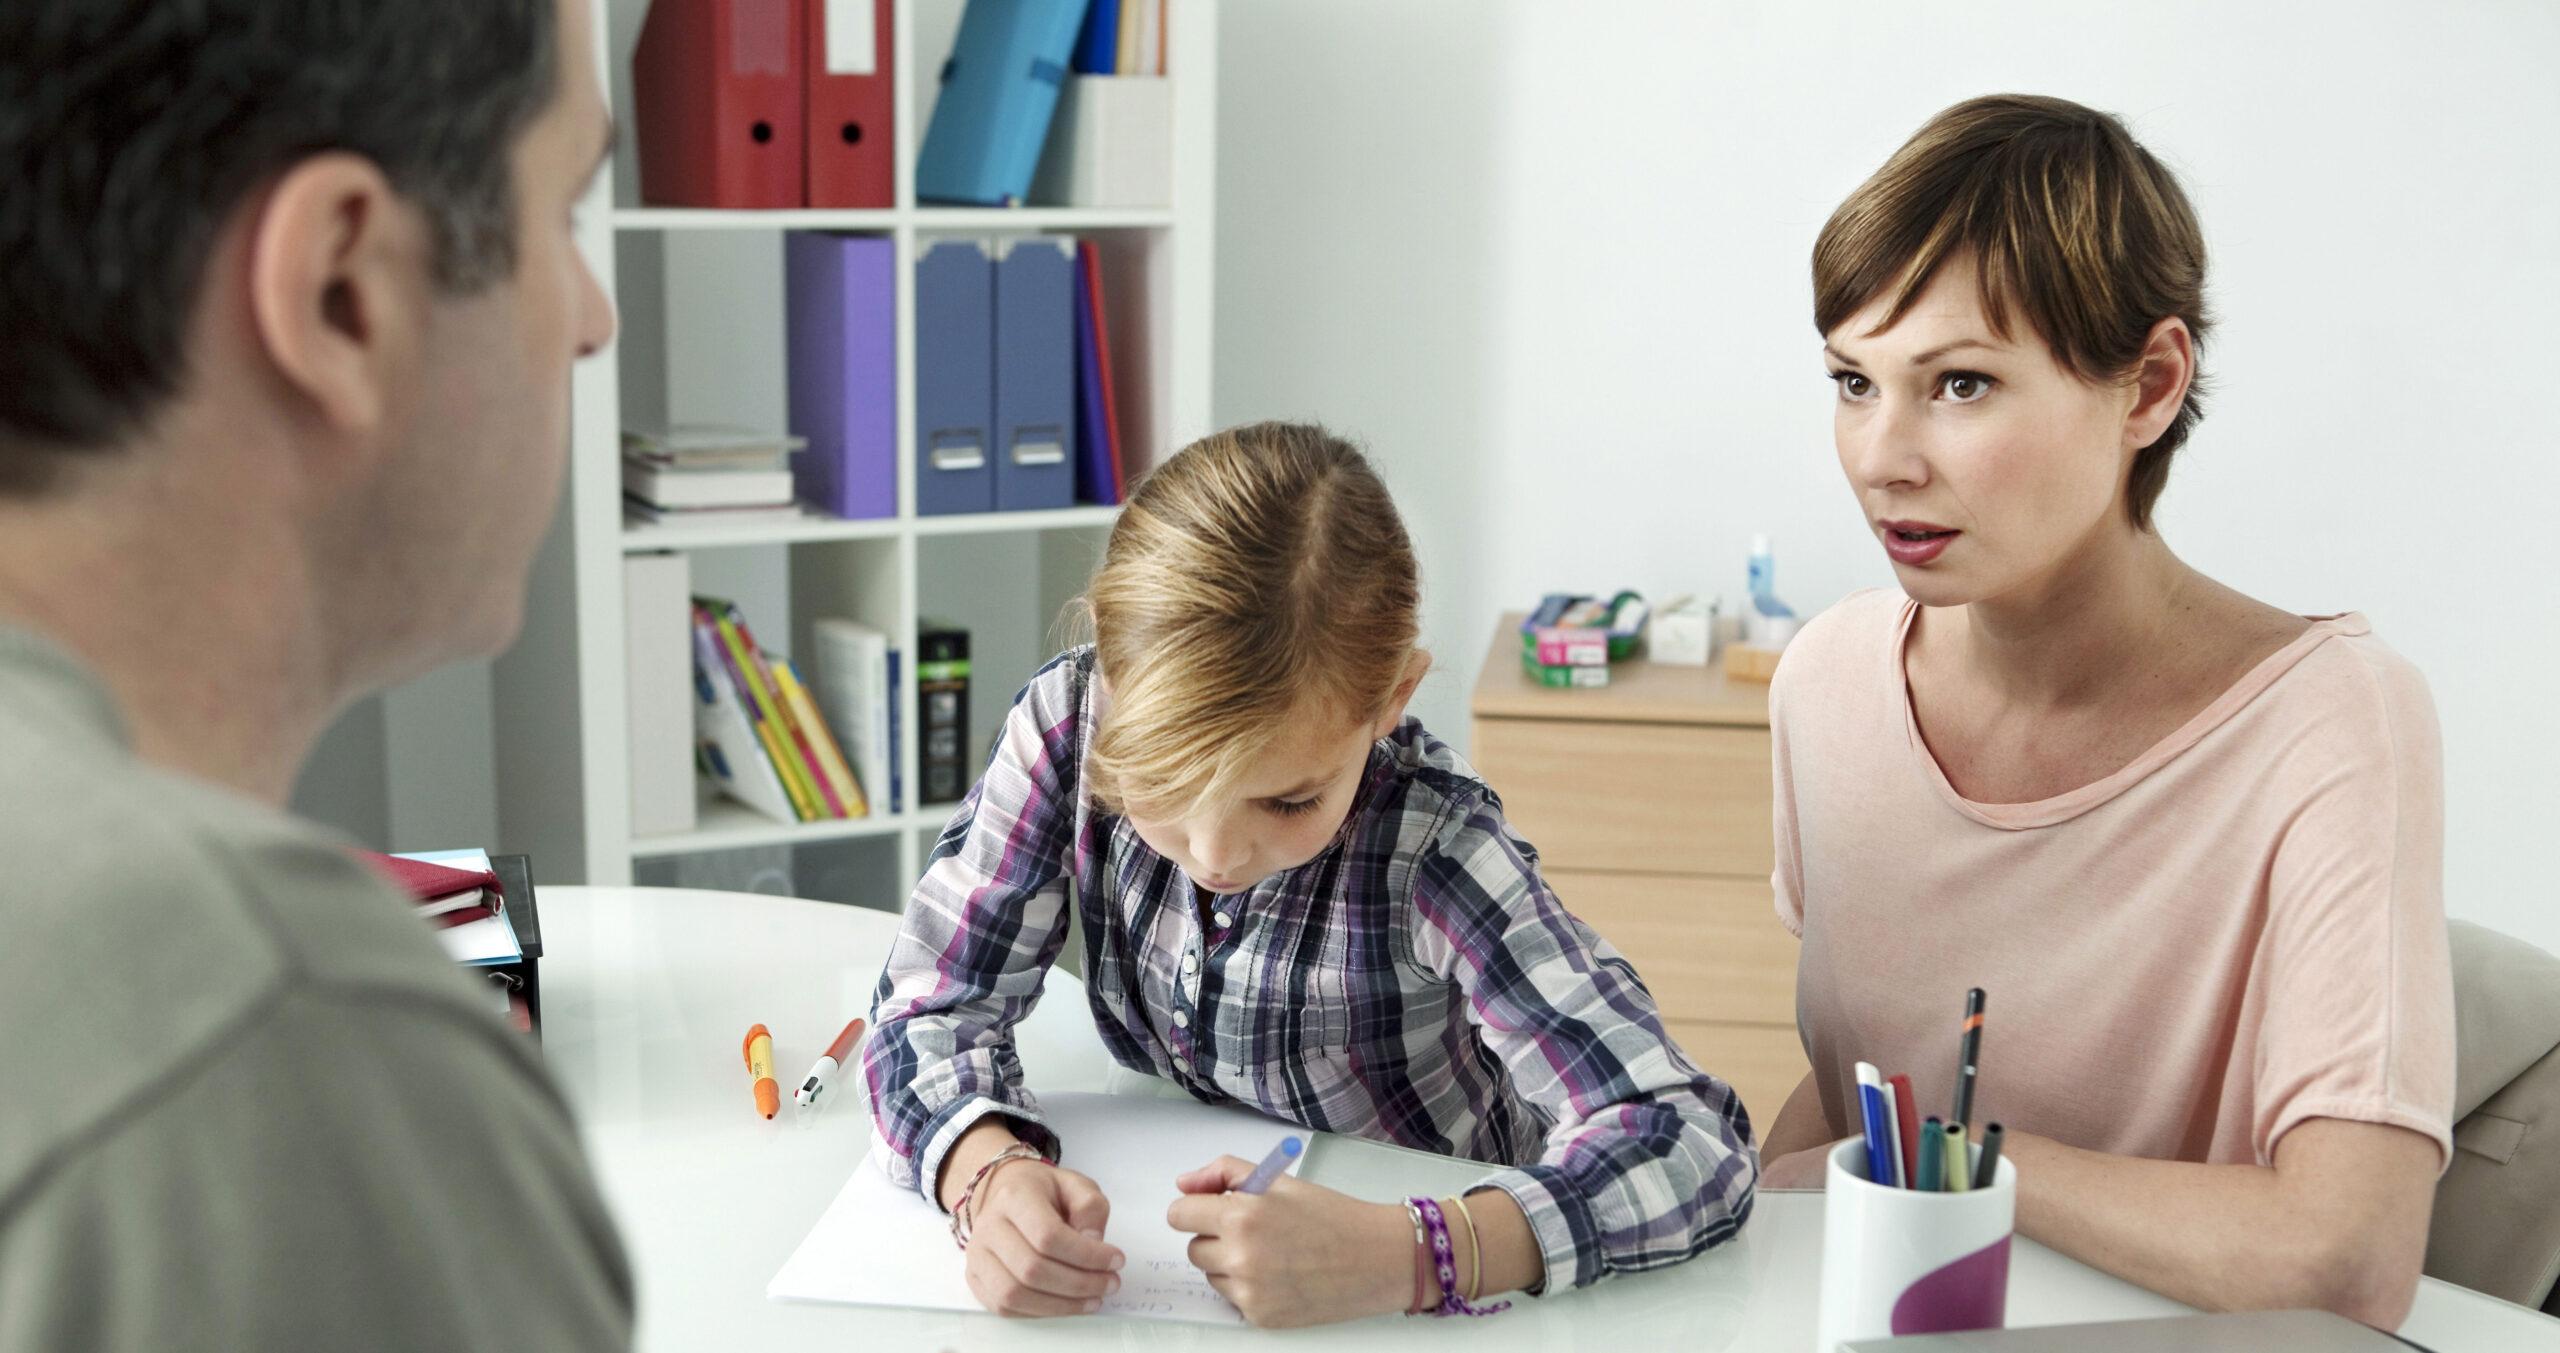 טיפול קוגנטיבי התנהגותי בילדים